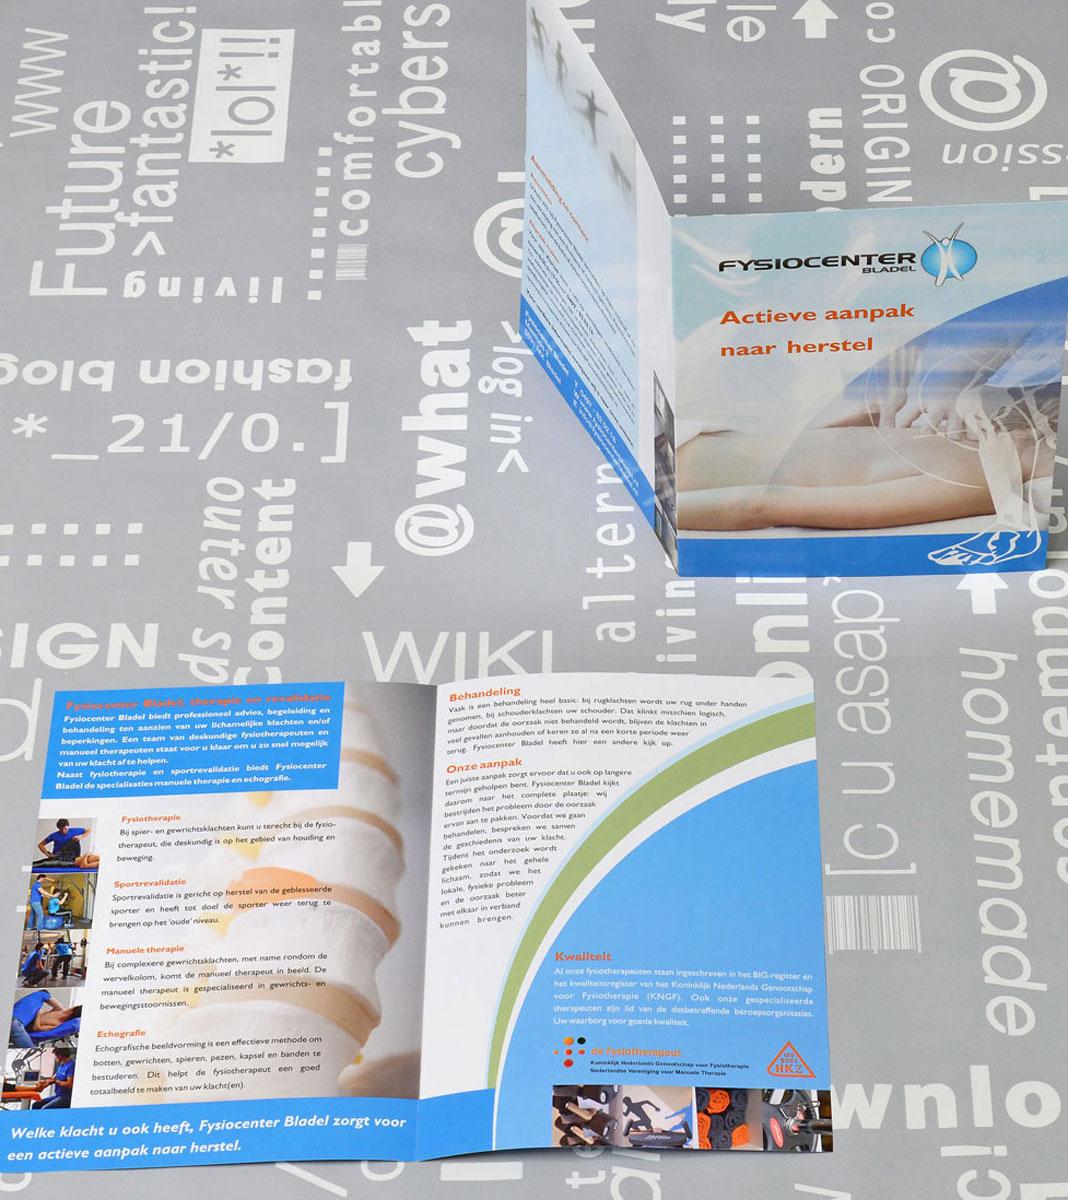 Fysiocenter, reclame, ontwerp, huisstijl, grafische vormgeving, bedrijfsfotografie, DTP, reclame-uiting, brochure, Portfolio